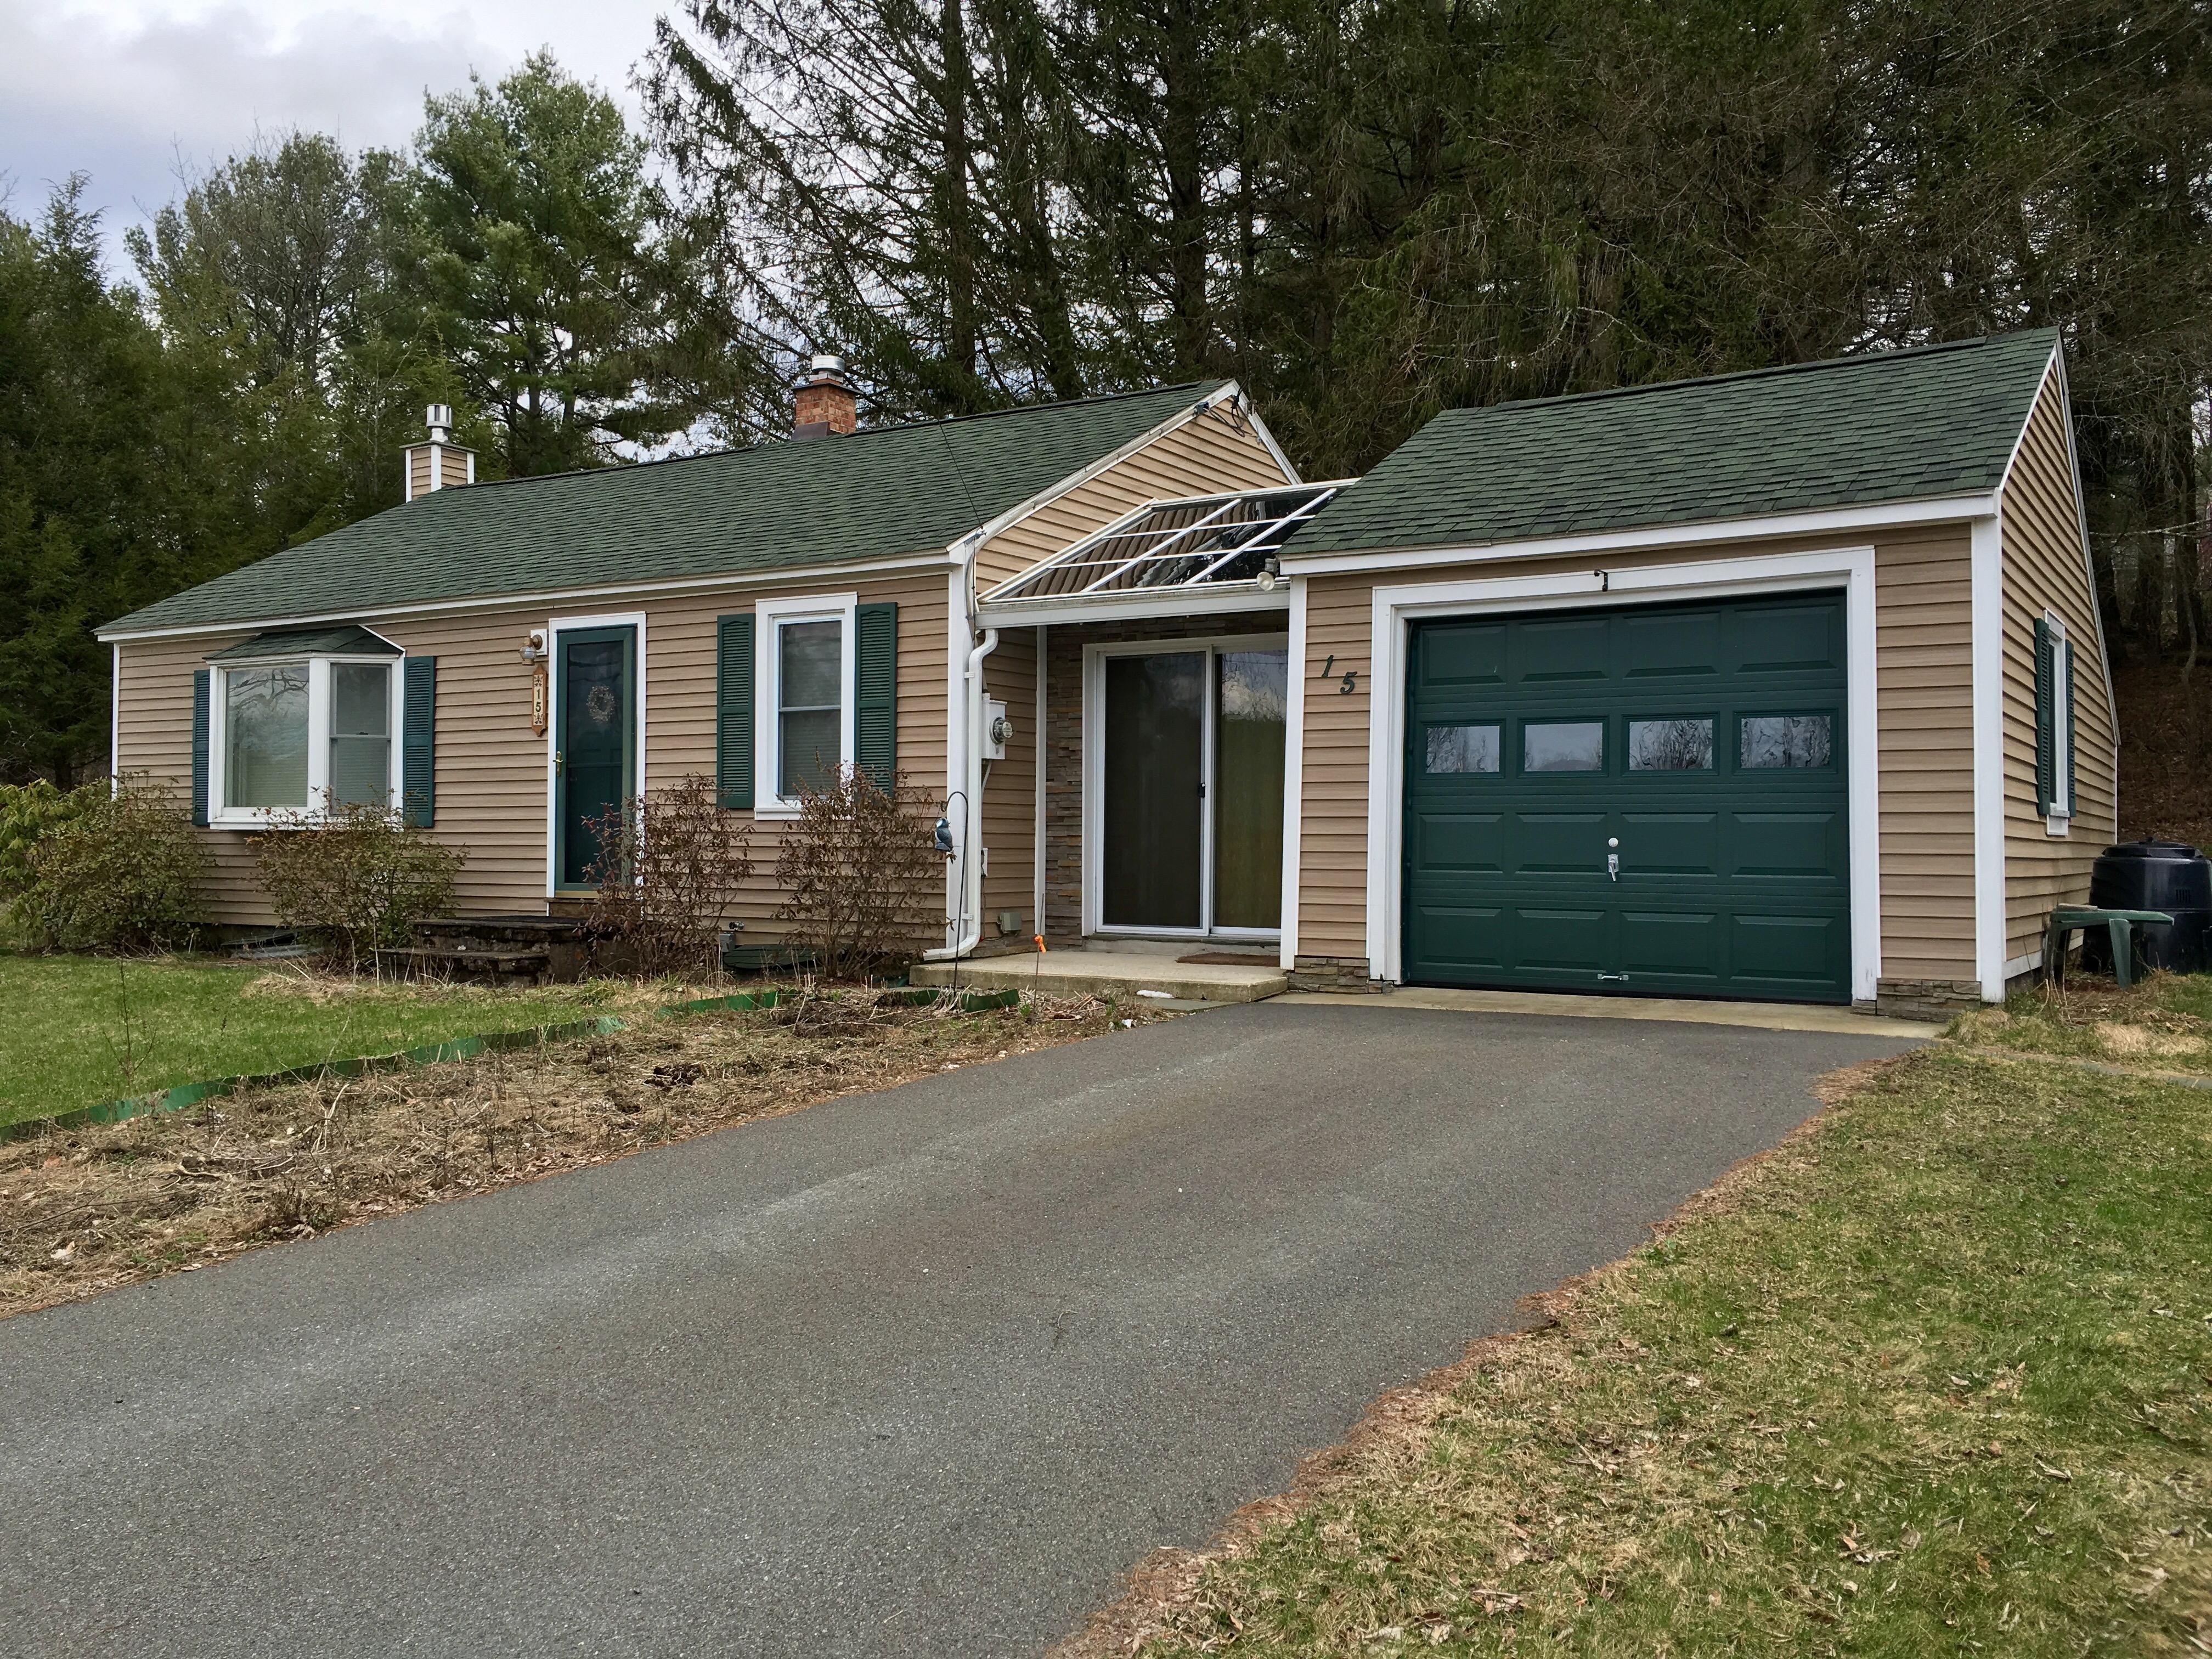 Maison unifamiliale pour l Vente à Updated, Move-In Ready Home on a Quiet Country Road 15 Mt Washington Rd Egremont, Massachusetts, 01230 États-Unis